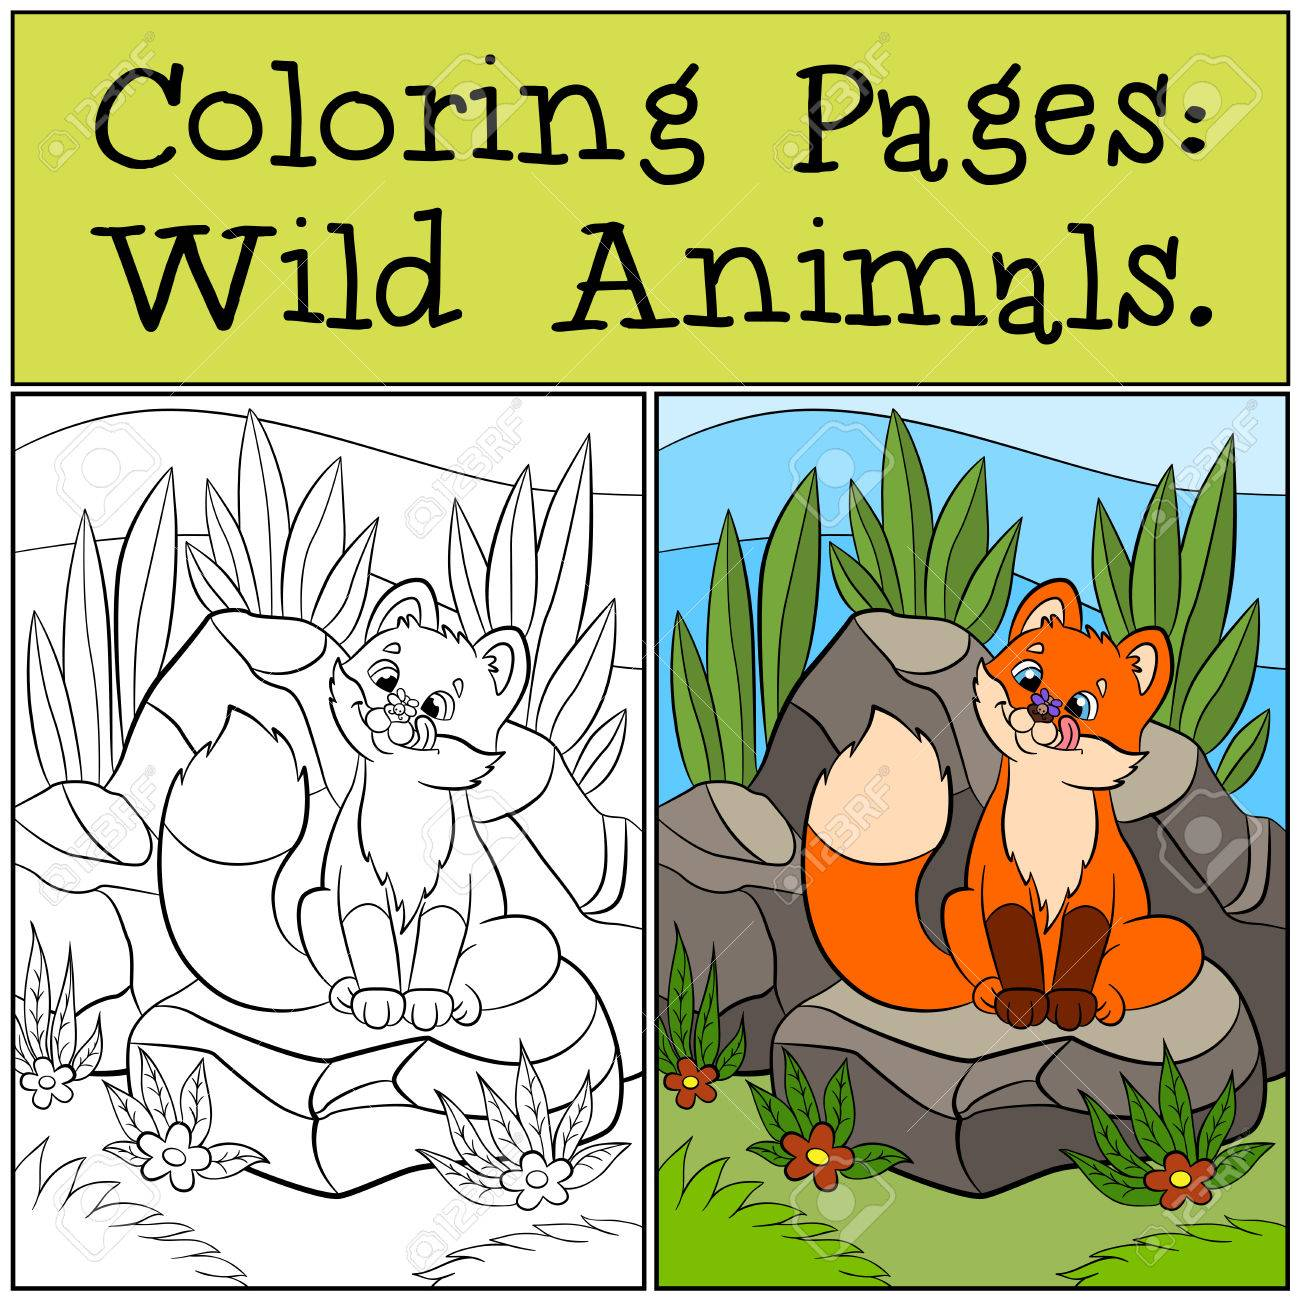 Páginas Para Colorear: Animales Salvajes. Lindo Zorro Bebé Se Sienta ...